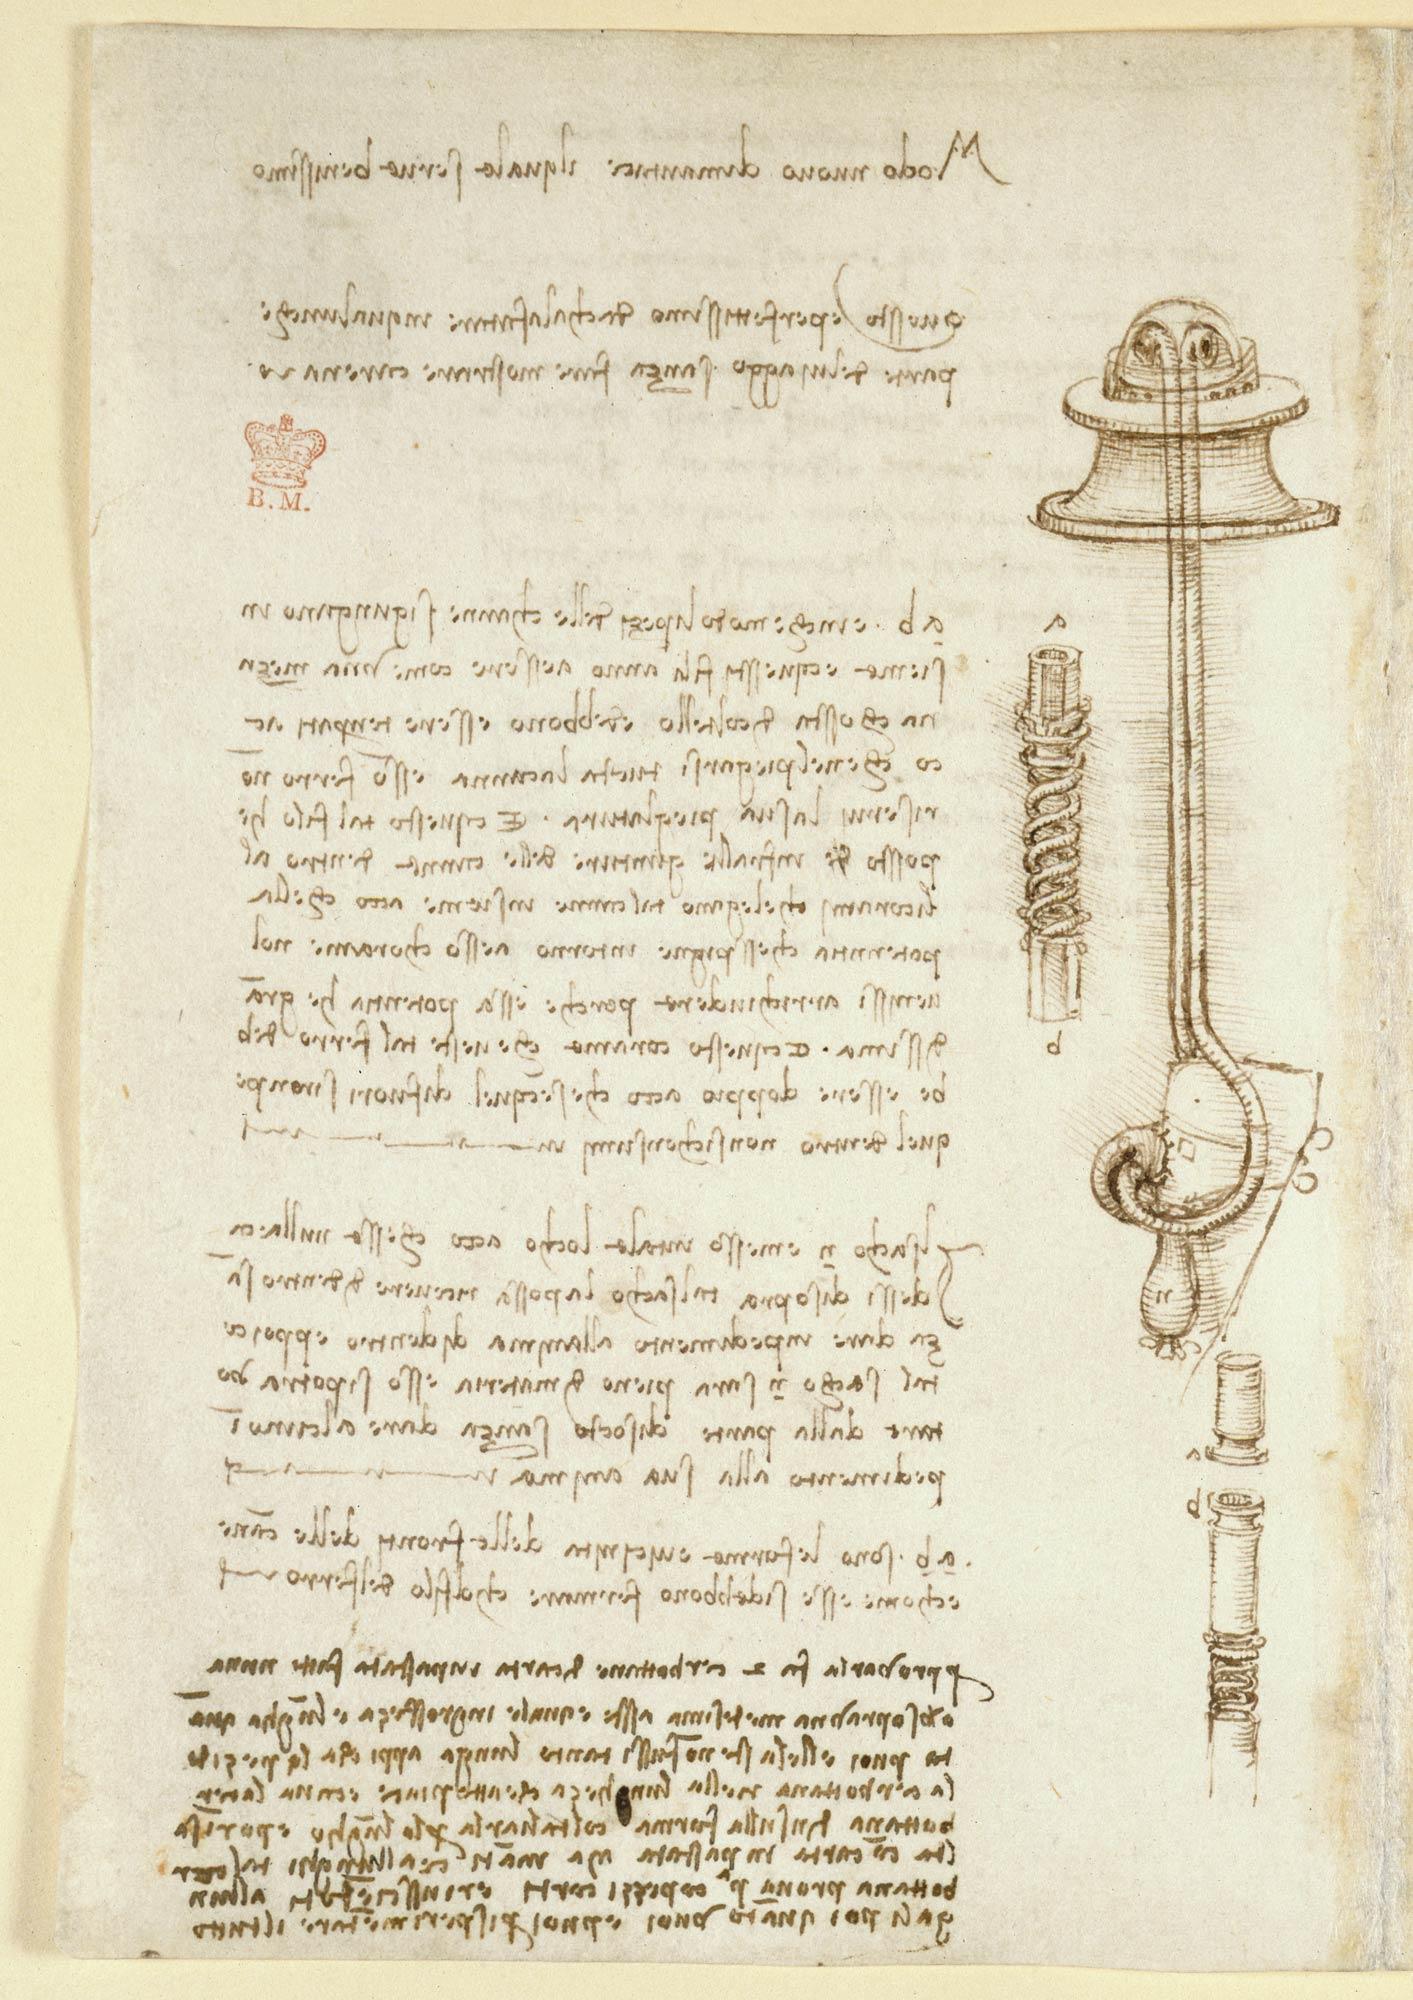 Leonardo da Vinci's Notebook - The British Liry on